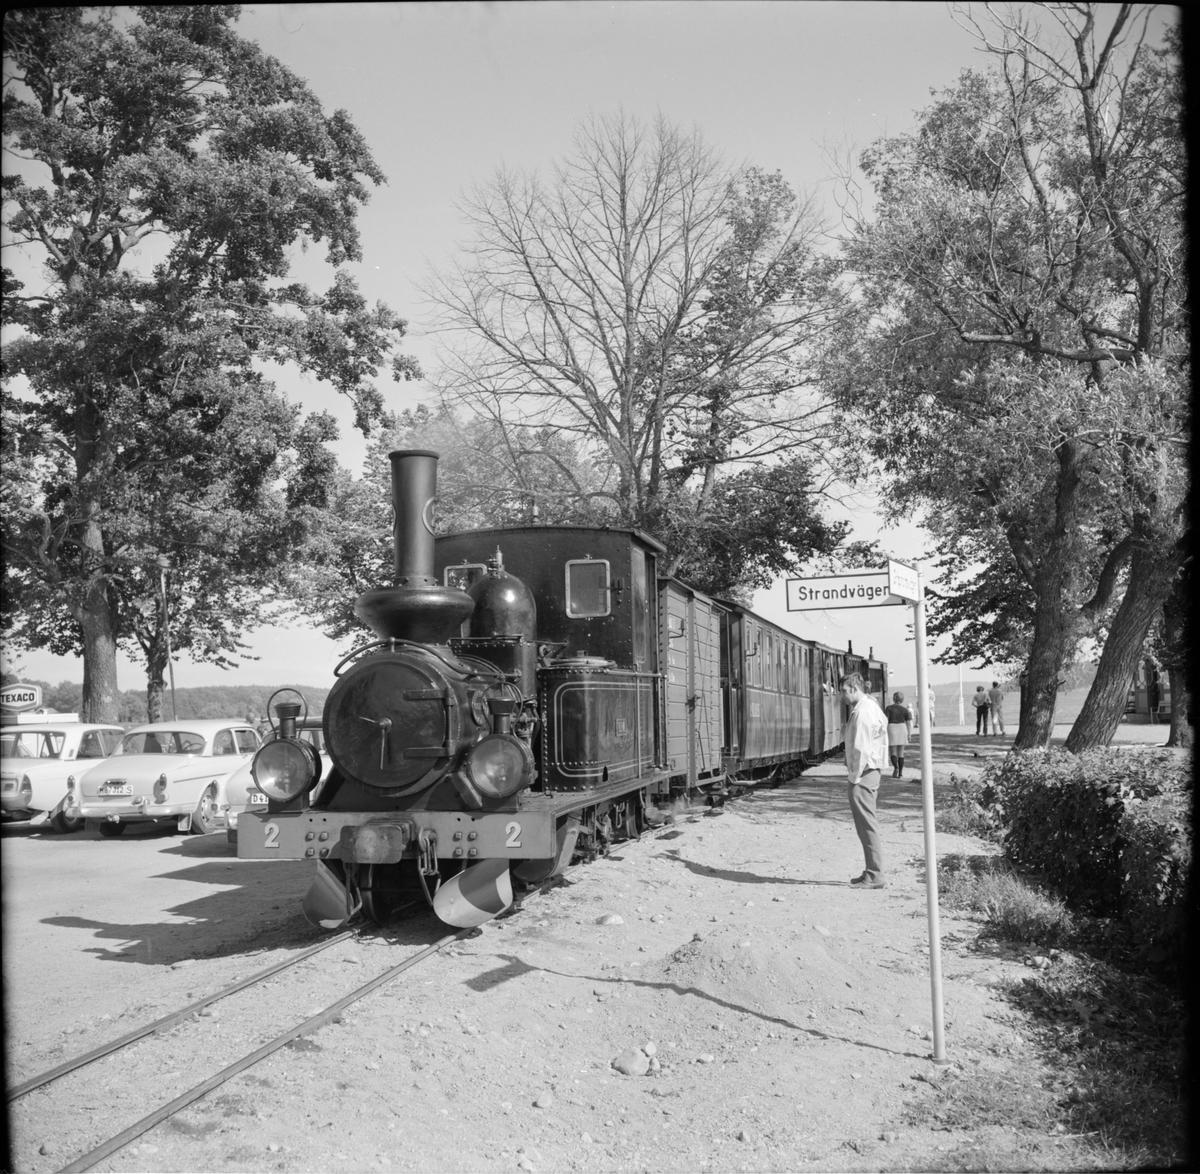 """Museijärnvägen, Östra Södermanlands Järnväg, ÖSlJ ånglok med lok 2 """"Virå"""" på hållplats vid ångbåtsstationen i Mariefred."""